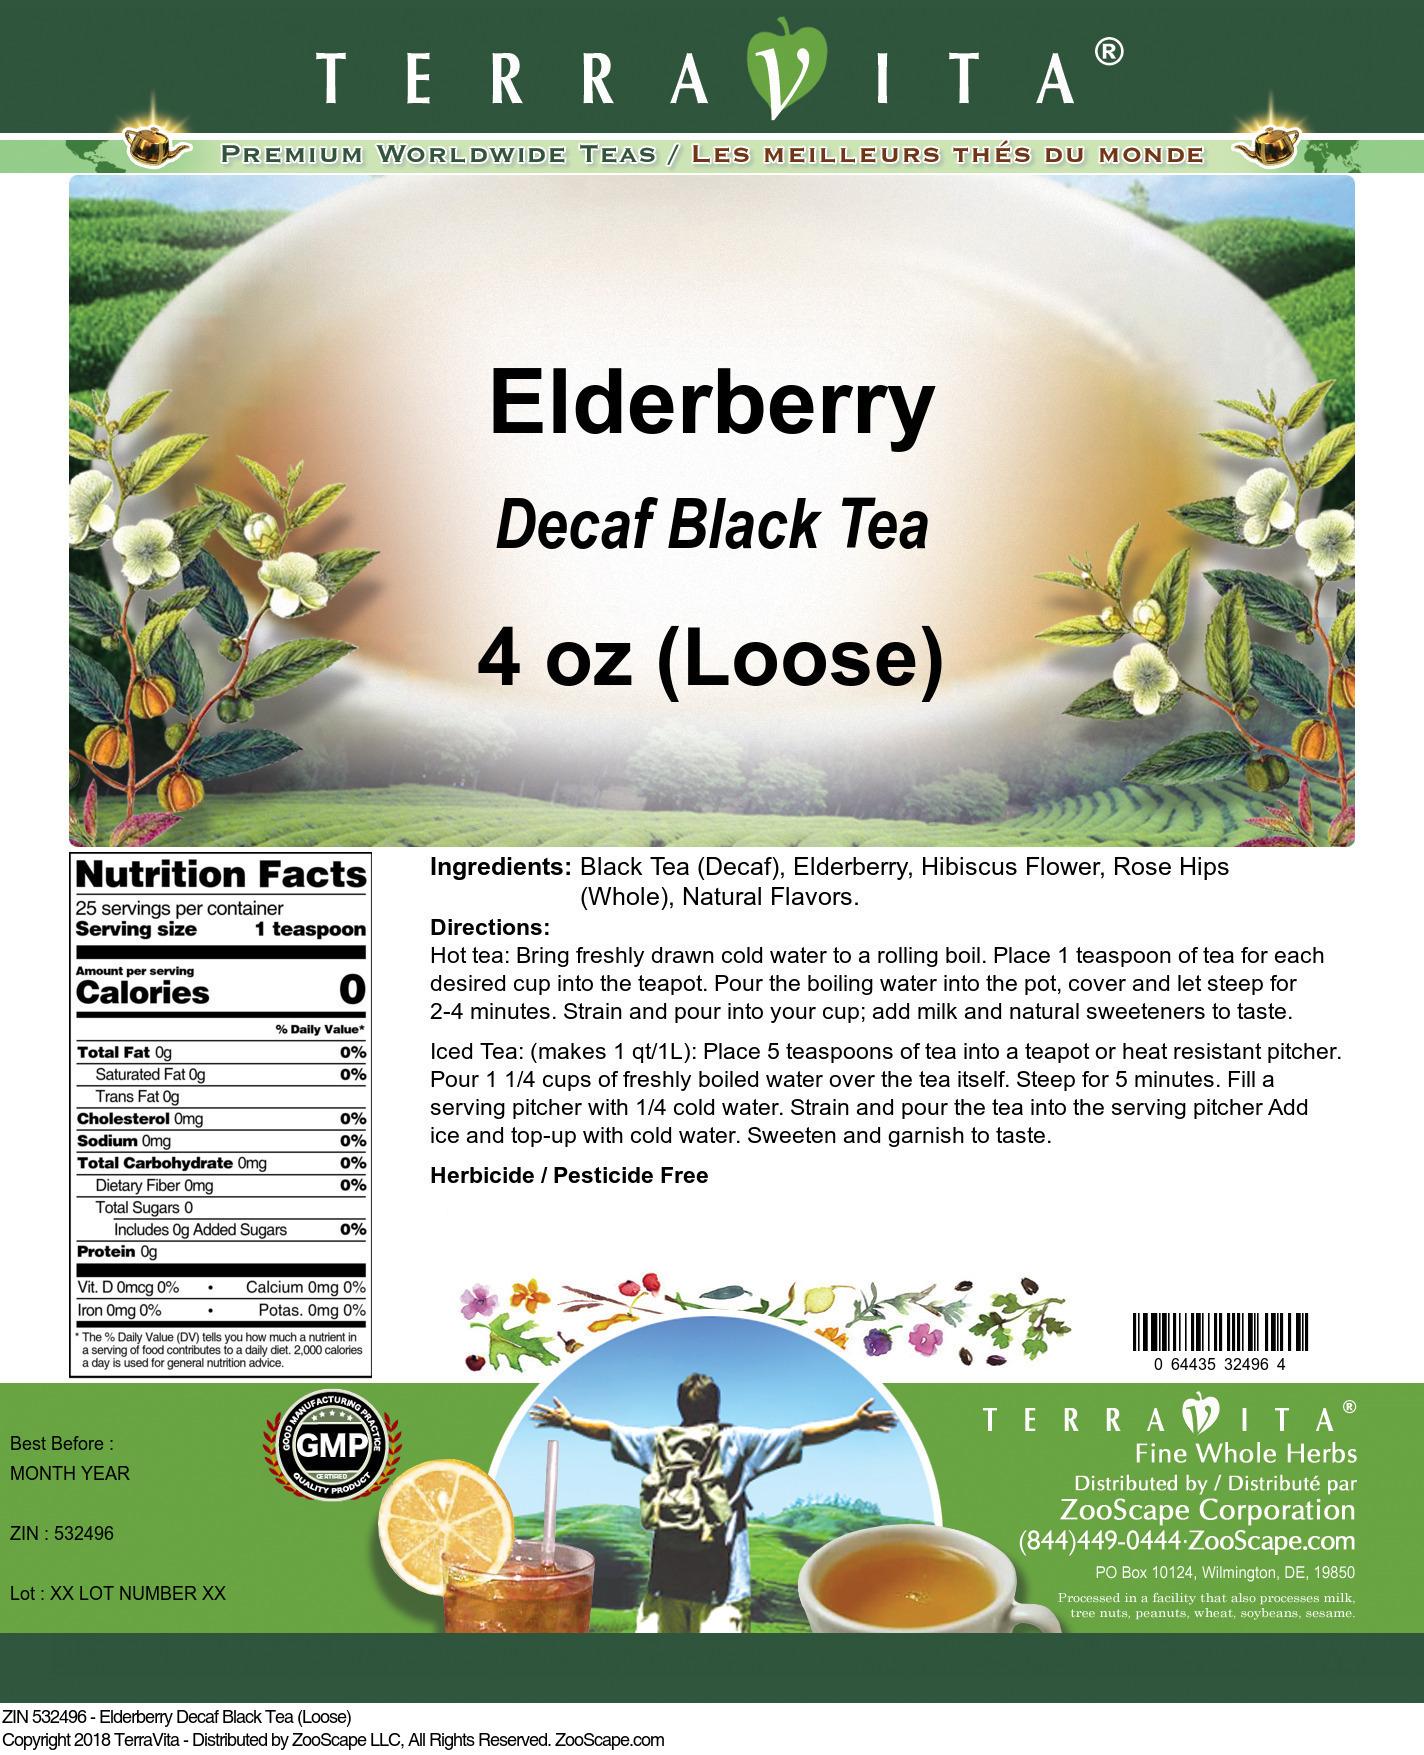 Elderberry Decaf Black Tea (Loose)